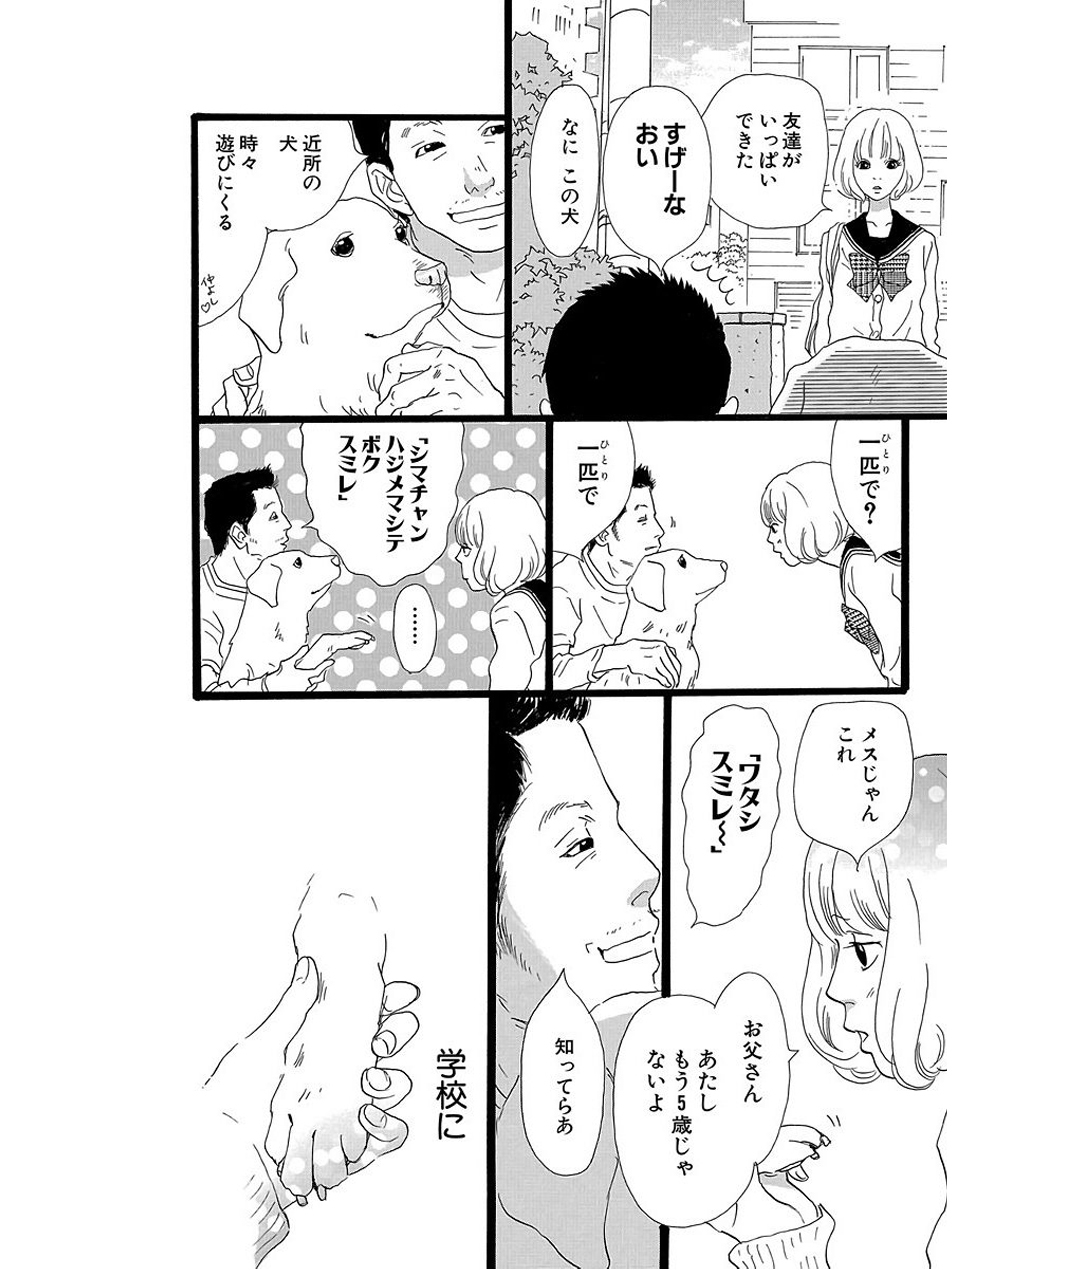 プリンシパル 第1話 試し読み_1_1-18